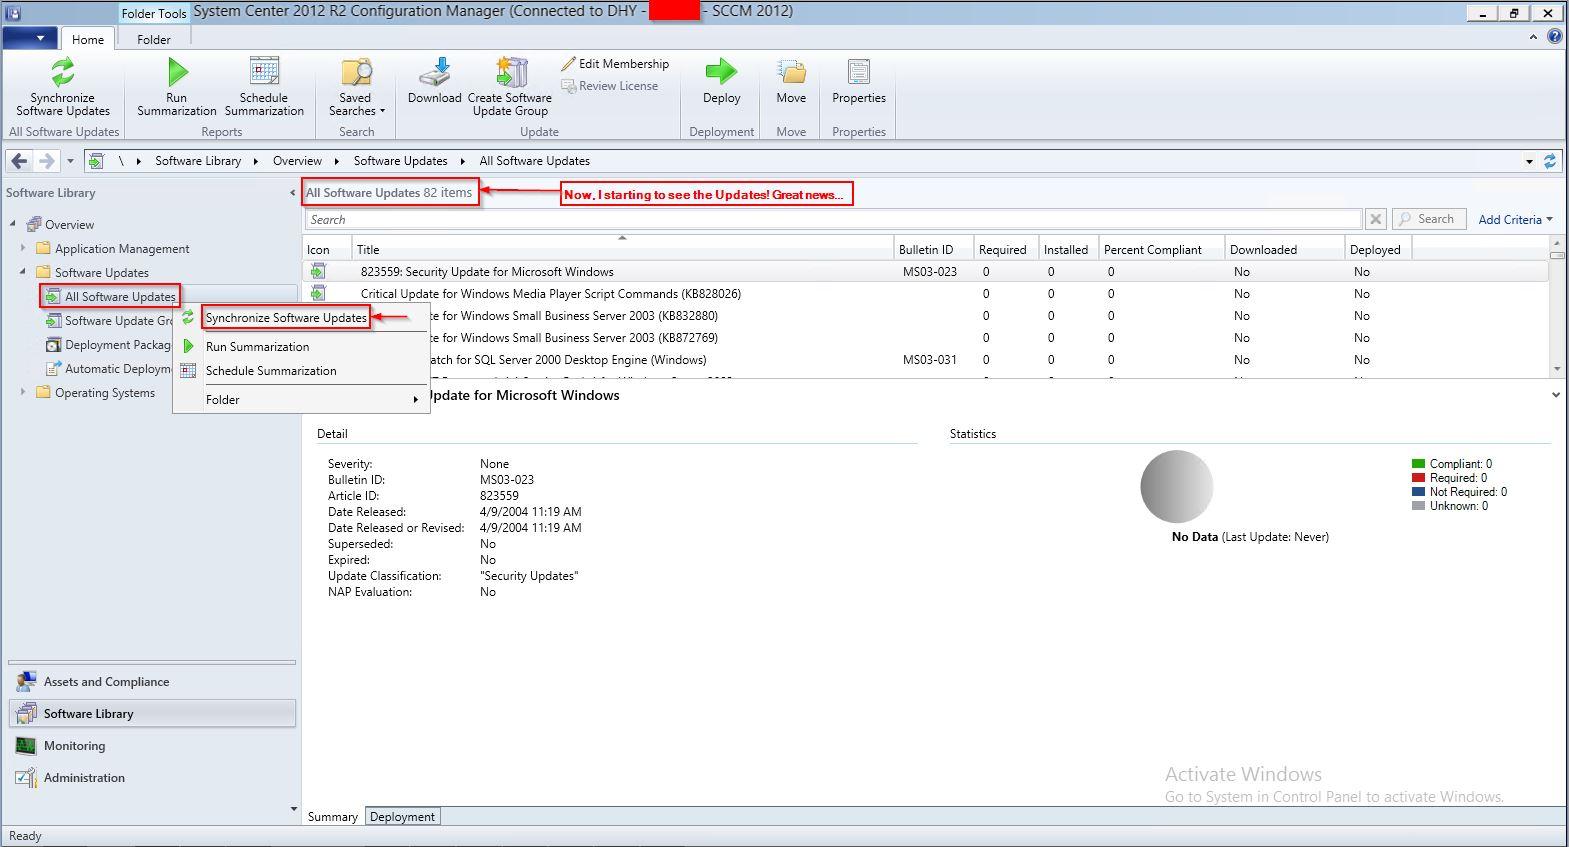 WSUS on SCCM 2012 R2